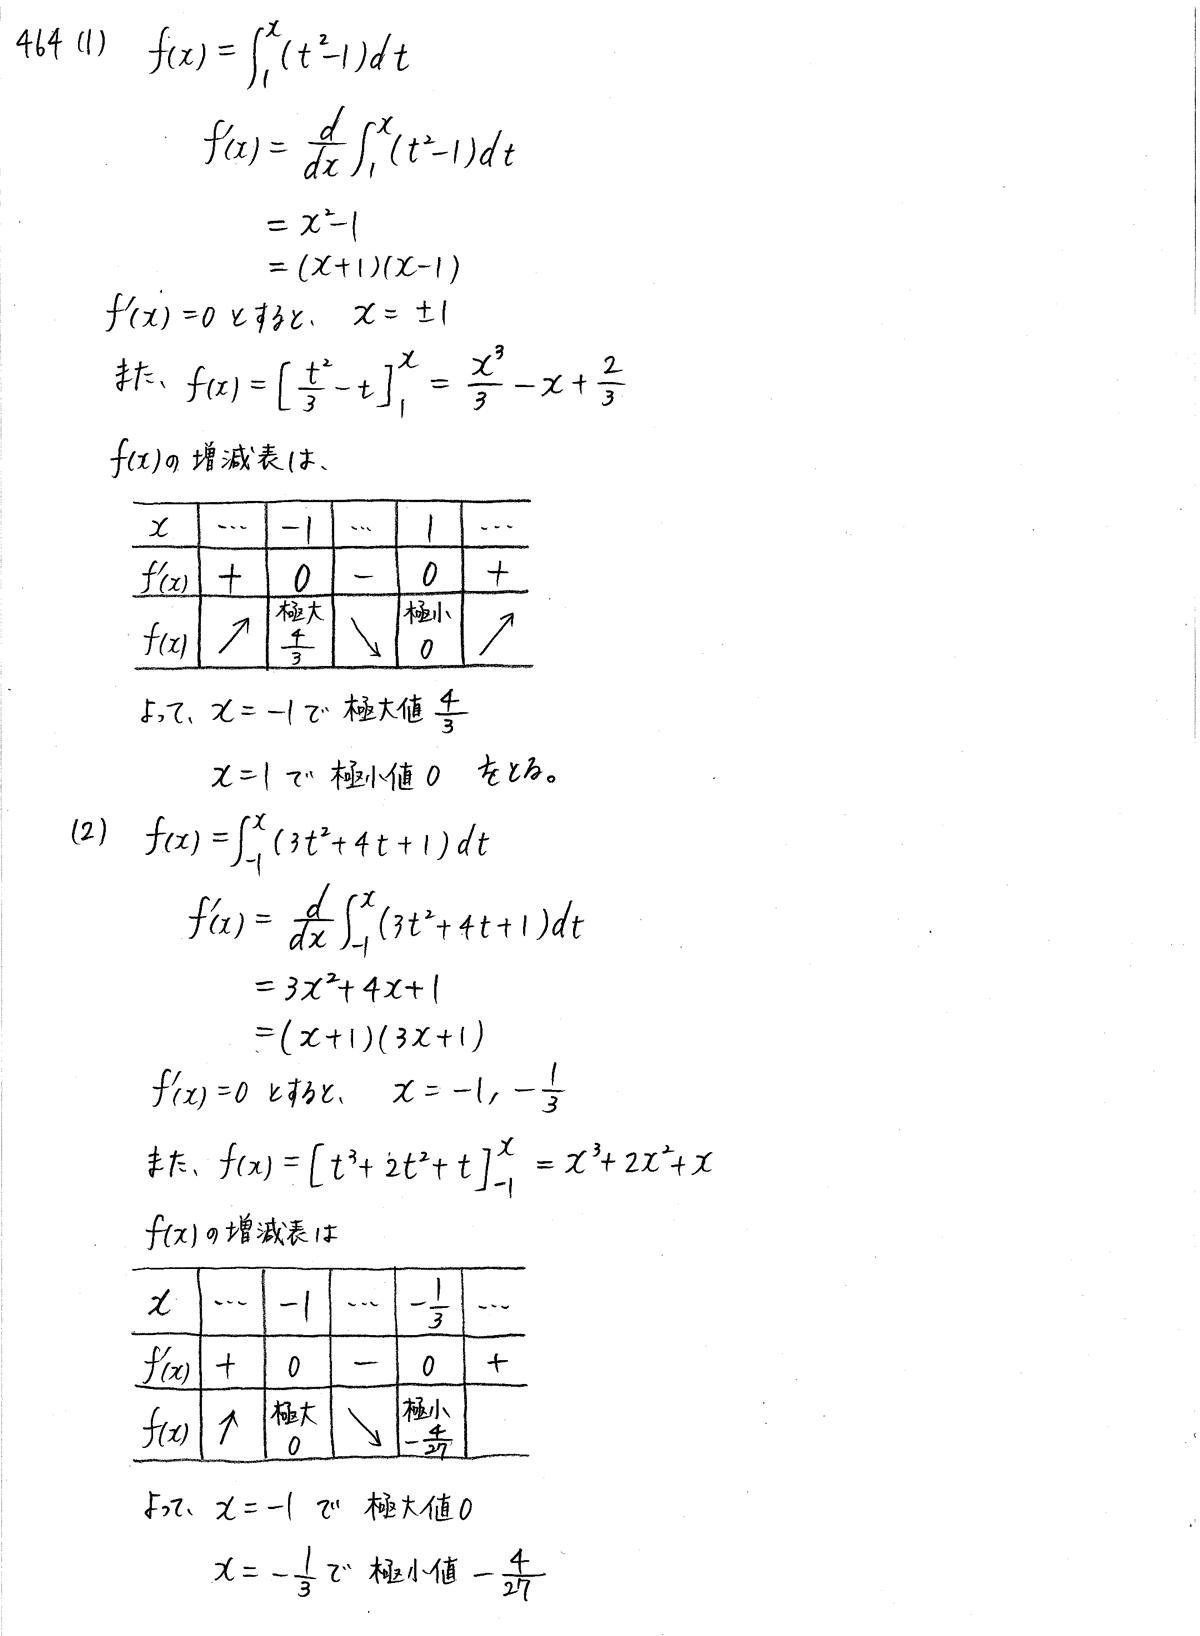 クリアー数学2-464解答